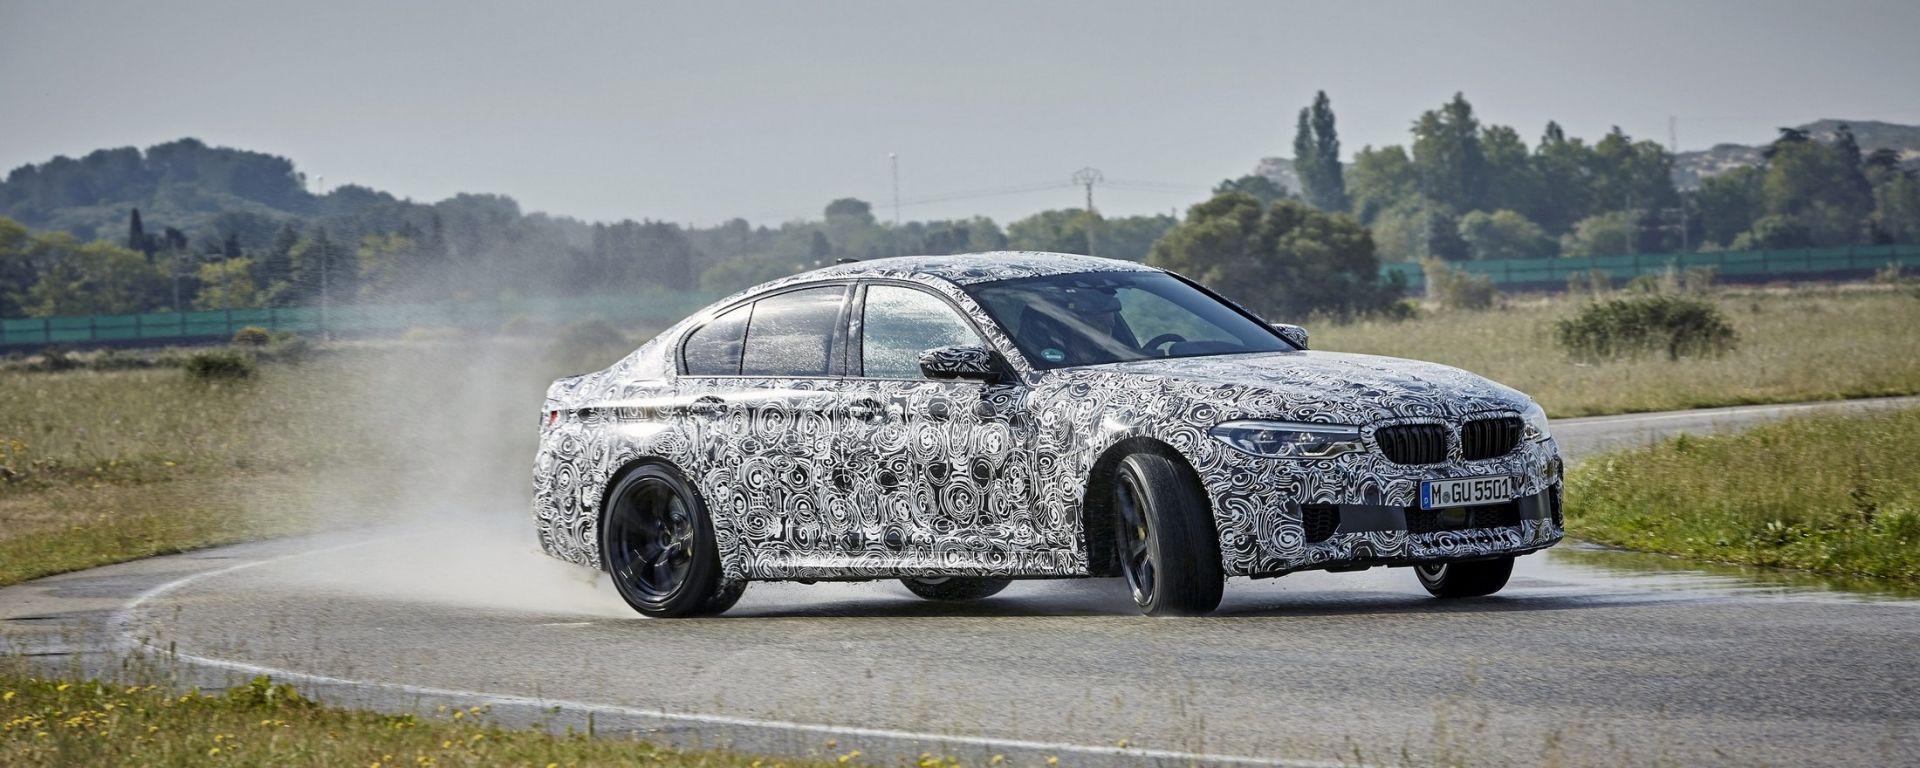 Nuova BMW M5: trazione posteriore o integrale